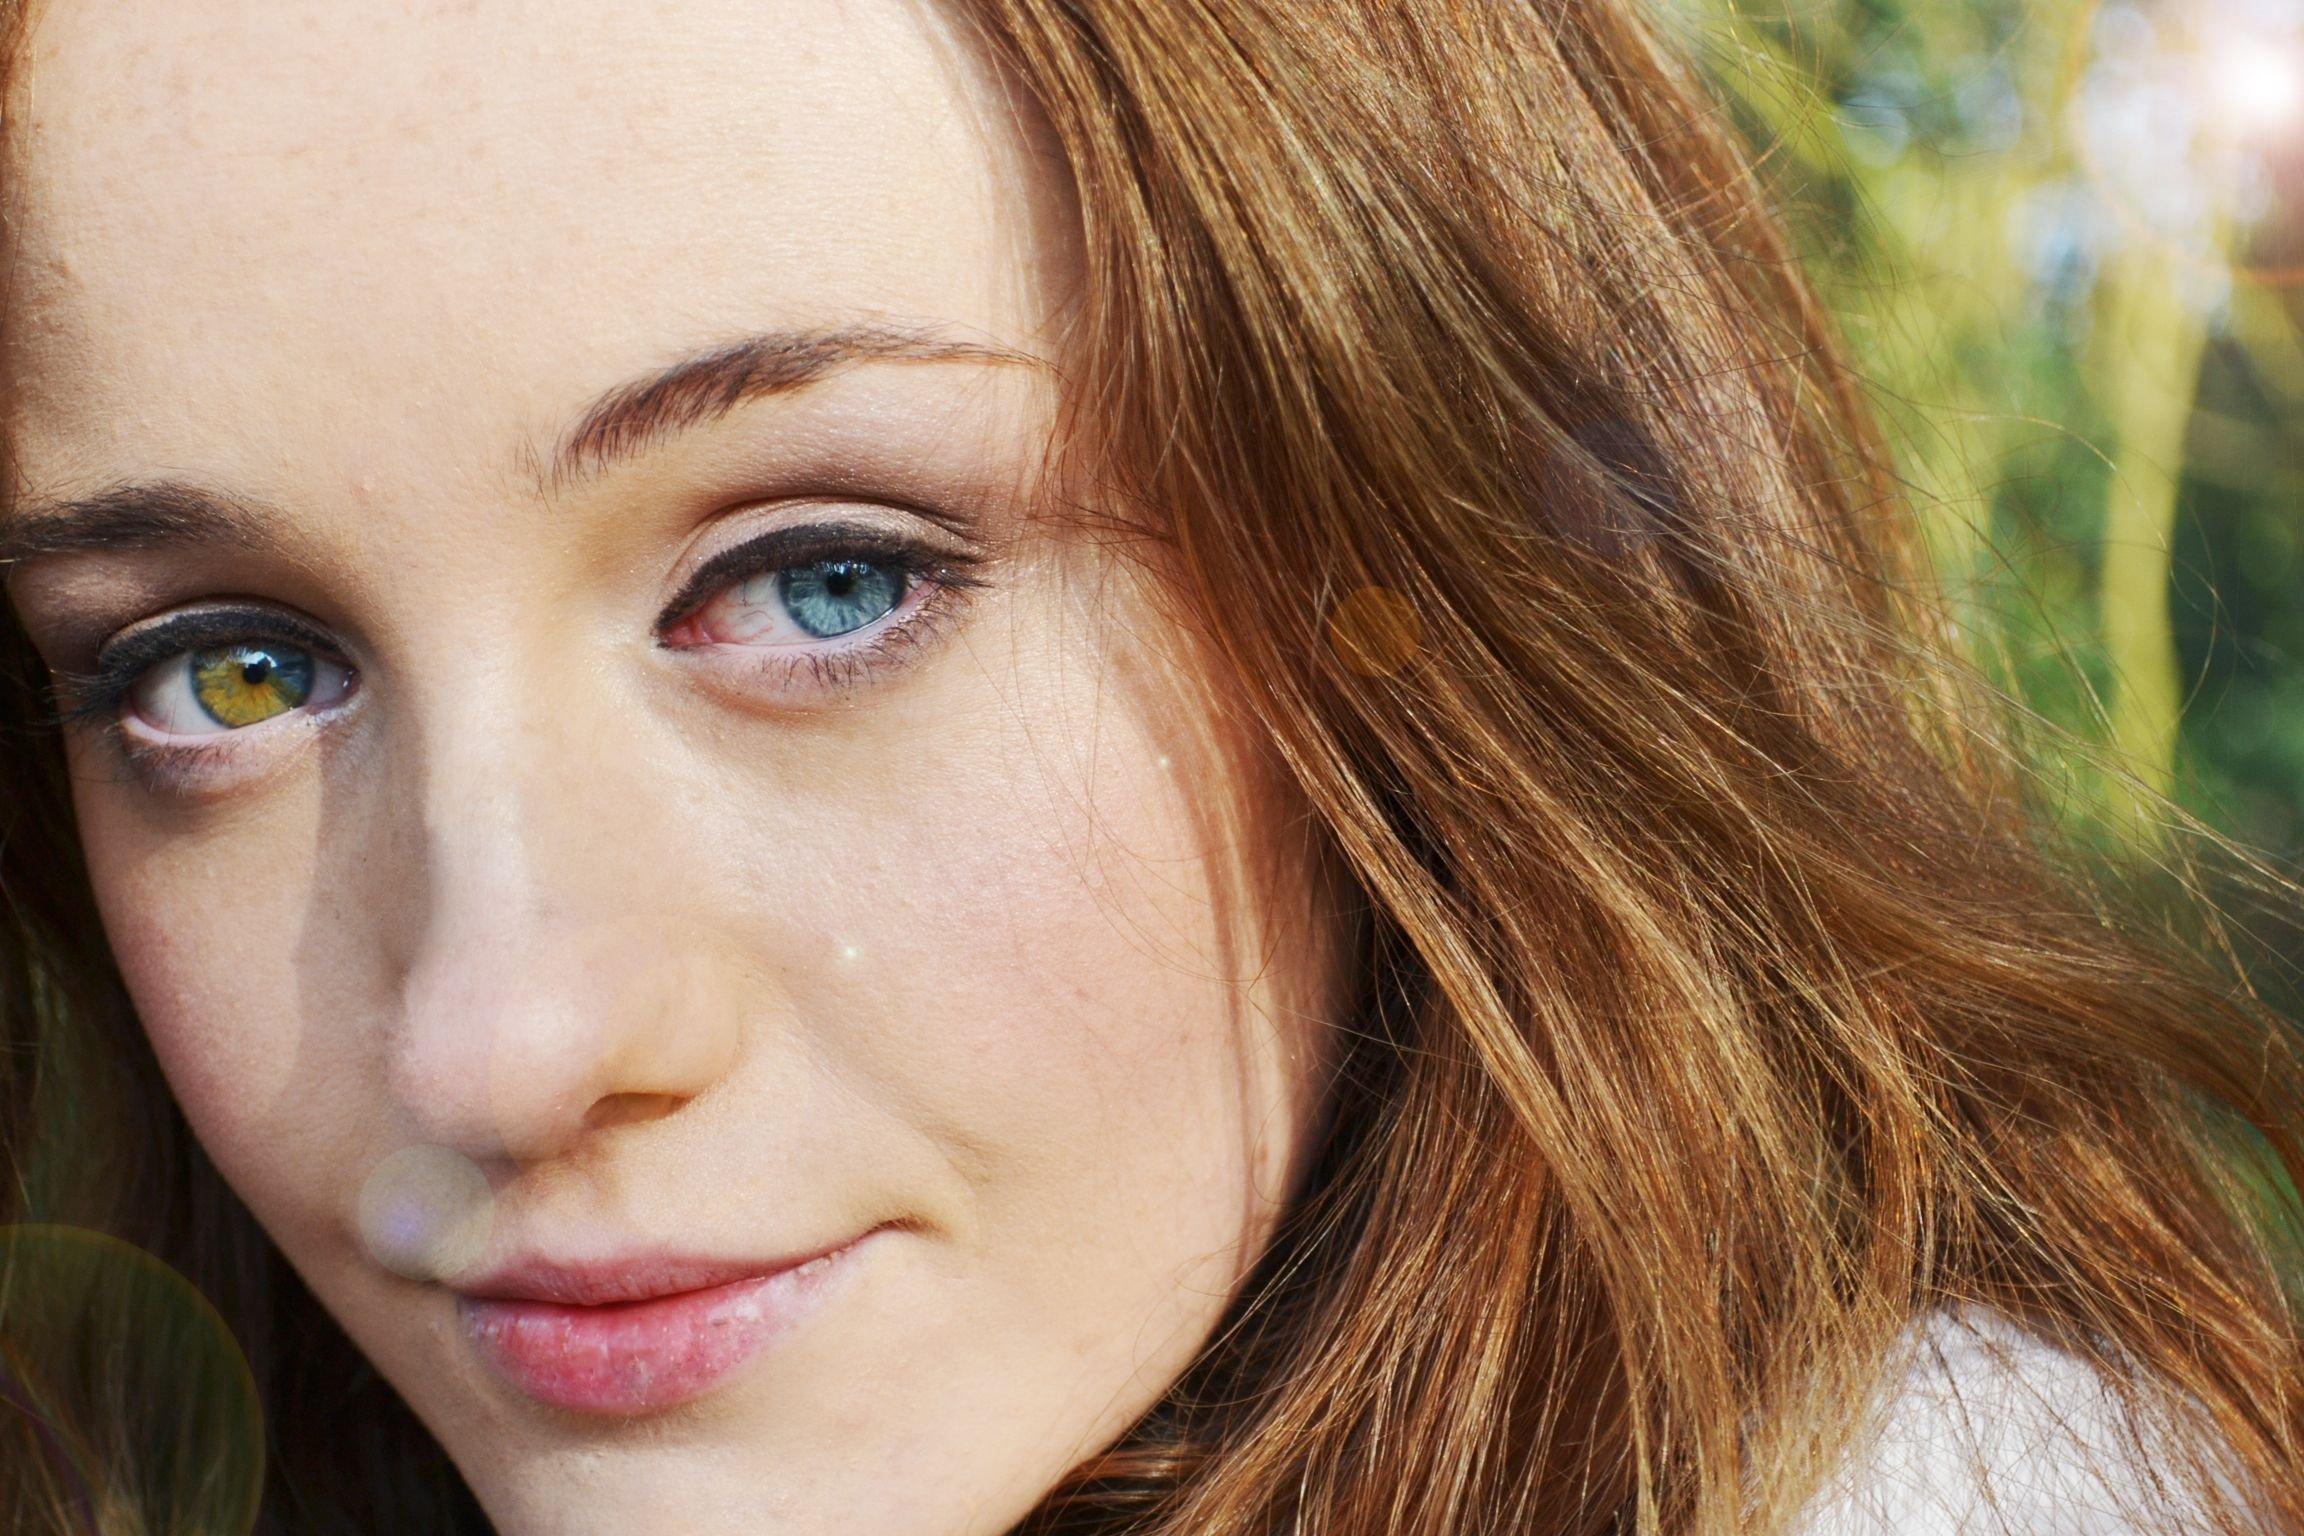 разные глаза на фотографиях кожи поможет